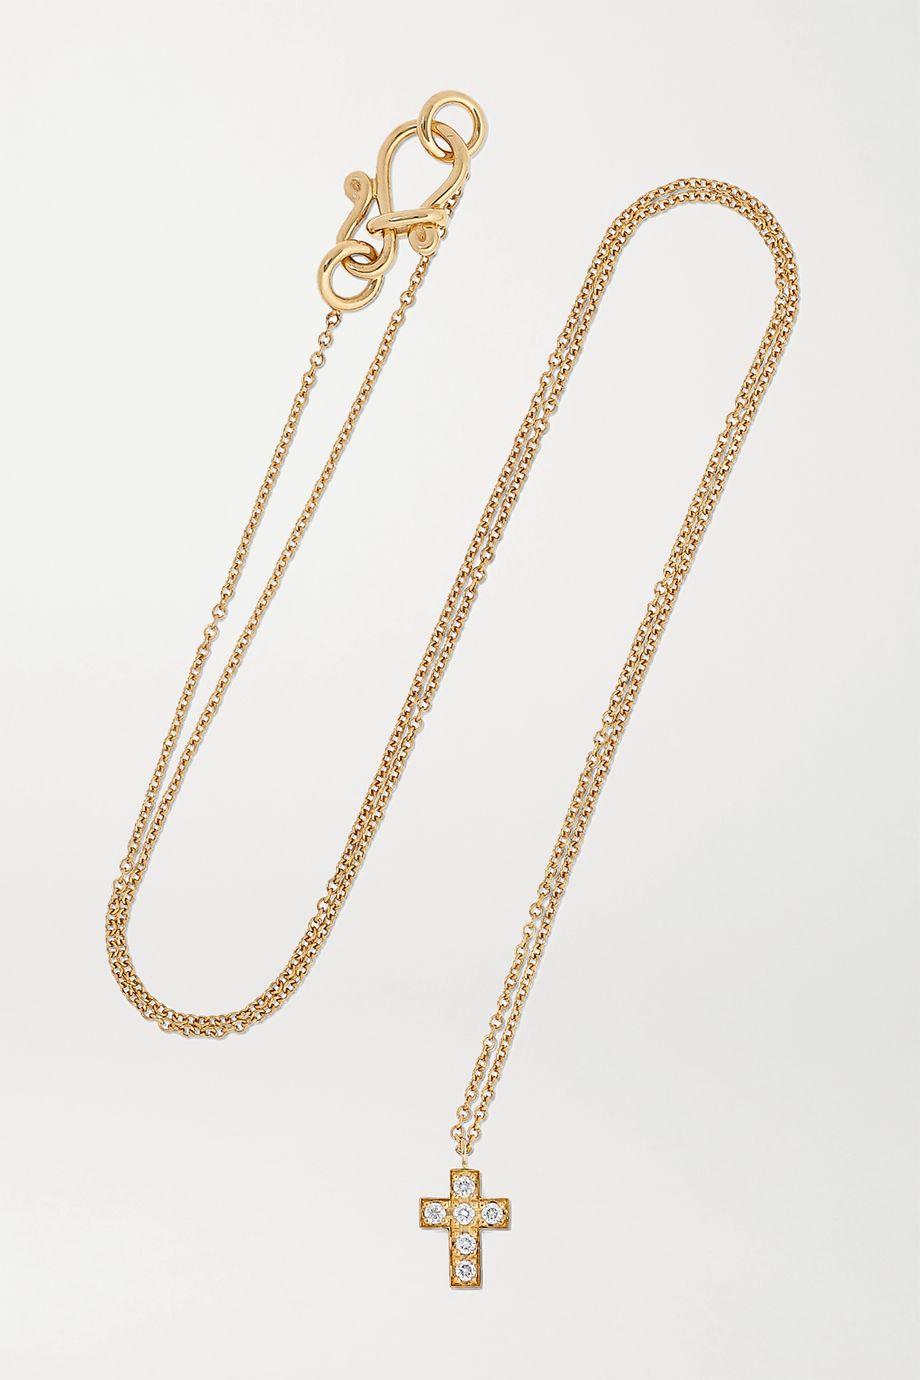 Sophie Bille Brahe Giulietta 18-karat gold diamond necklace